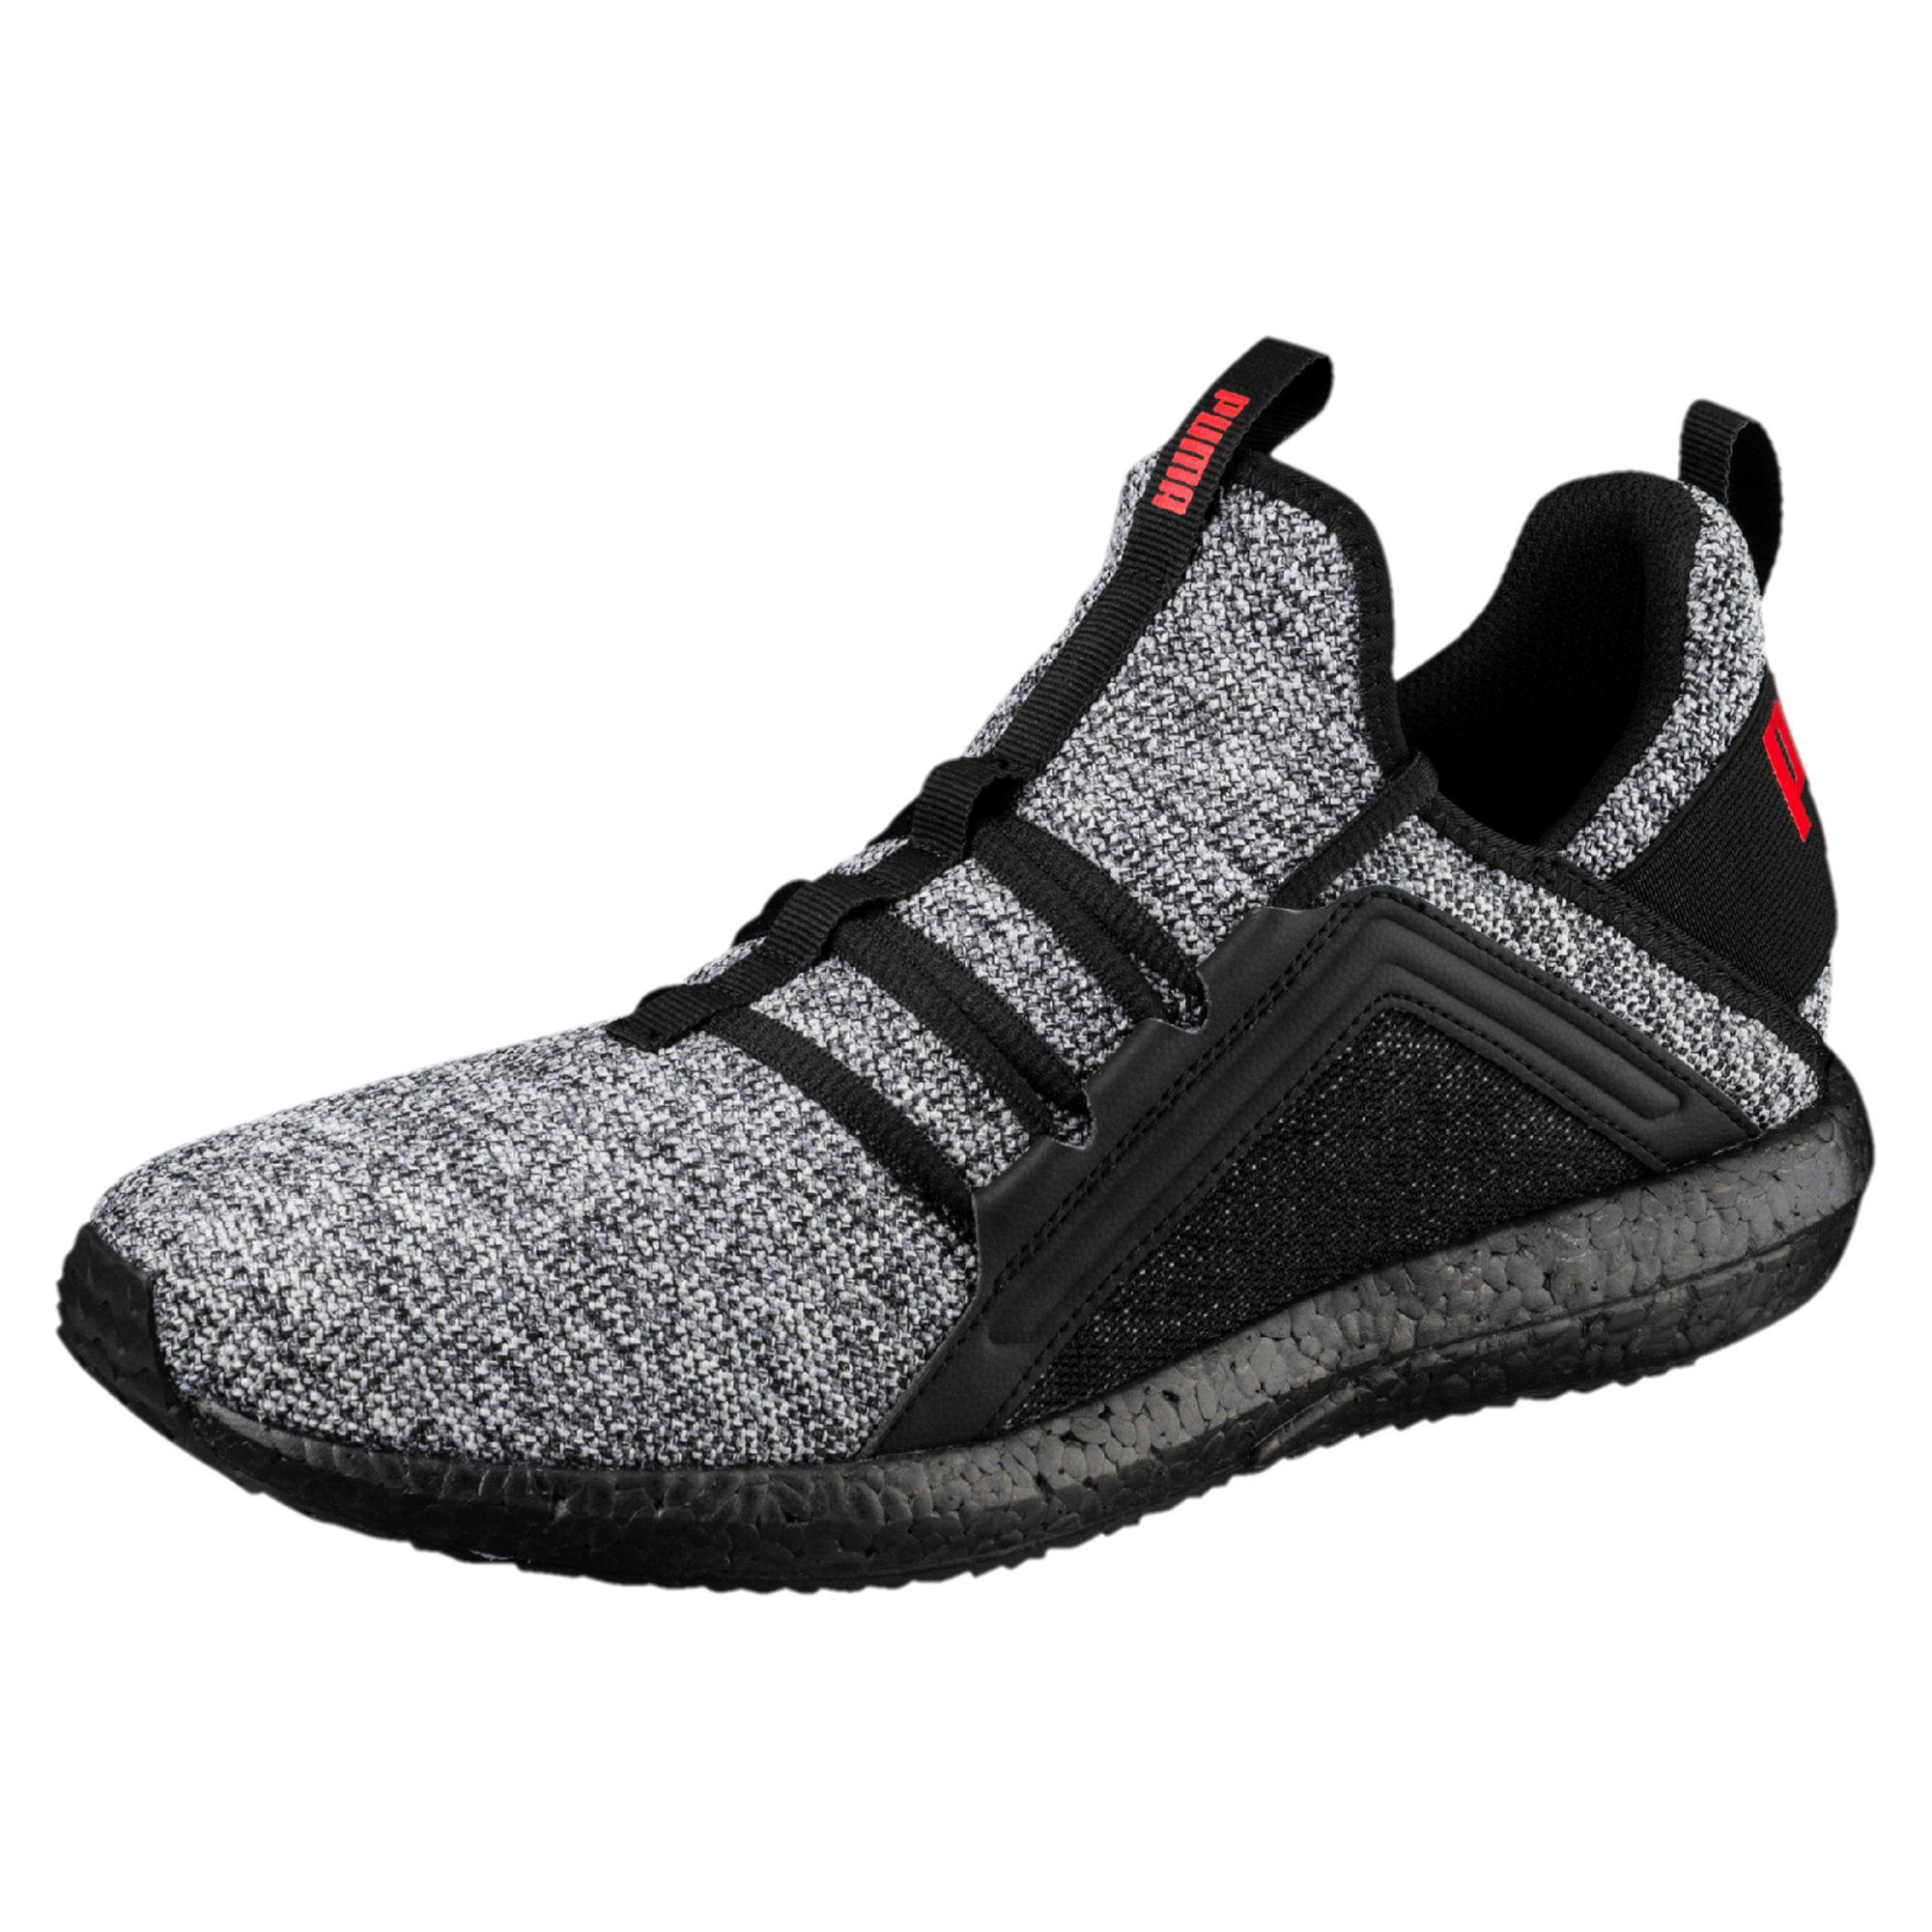 Lyst - PUMA Mega Nrgy Knit Men s Running Shoes in Black for Men 95efd450d